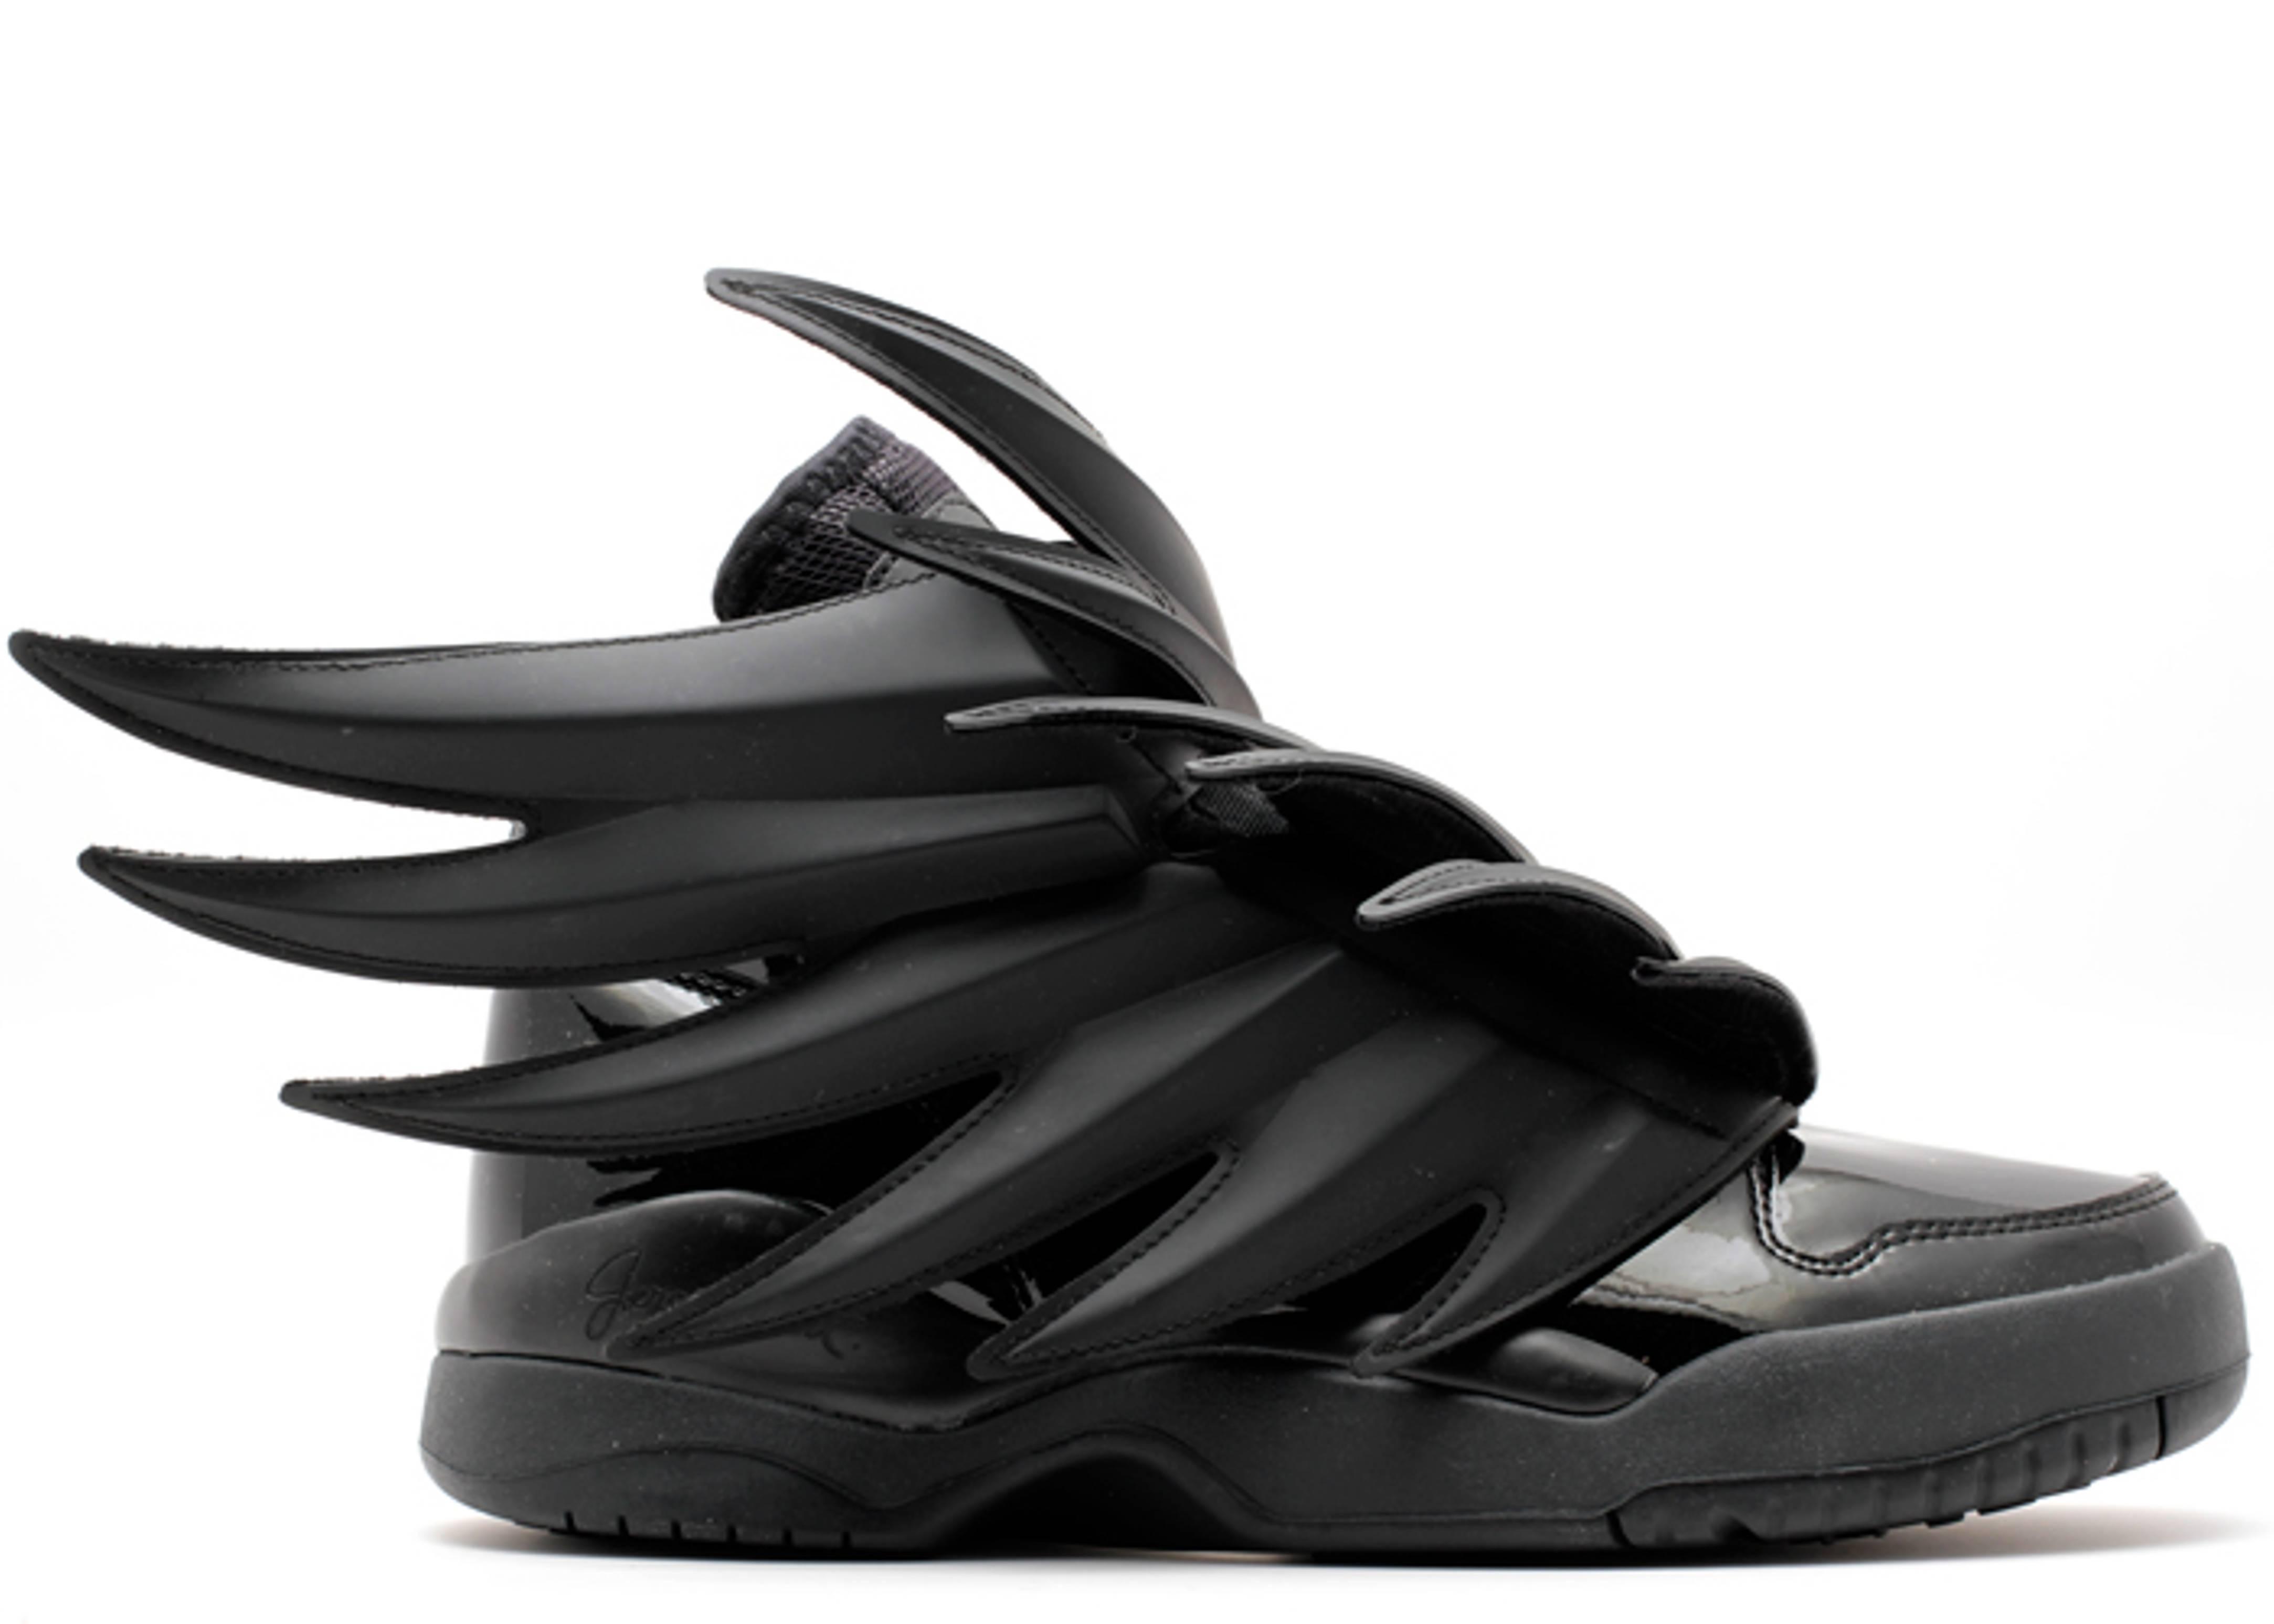 adidas jermy scott